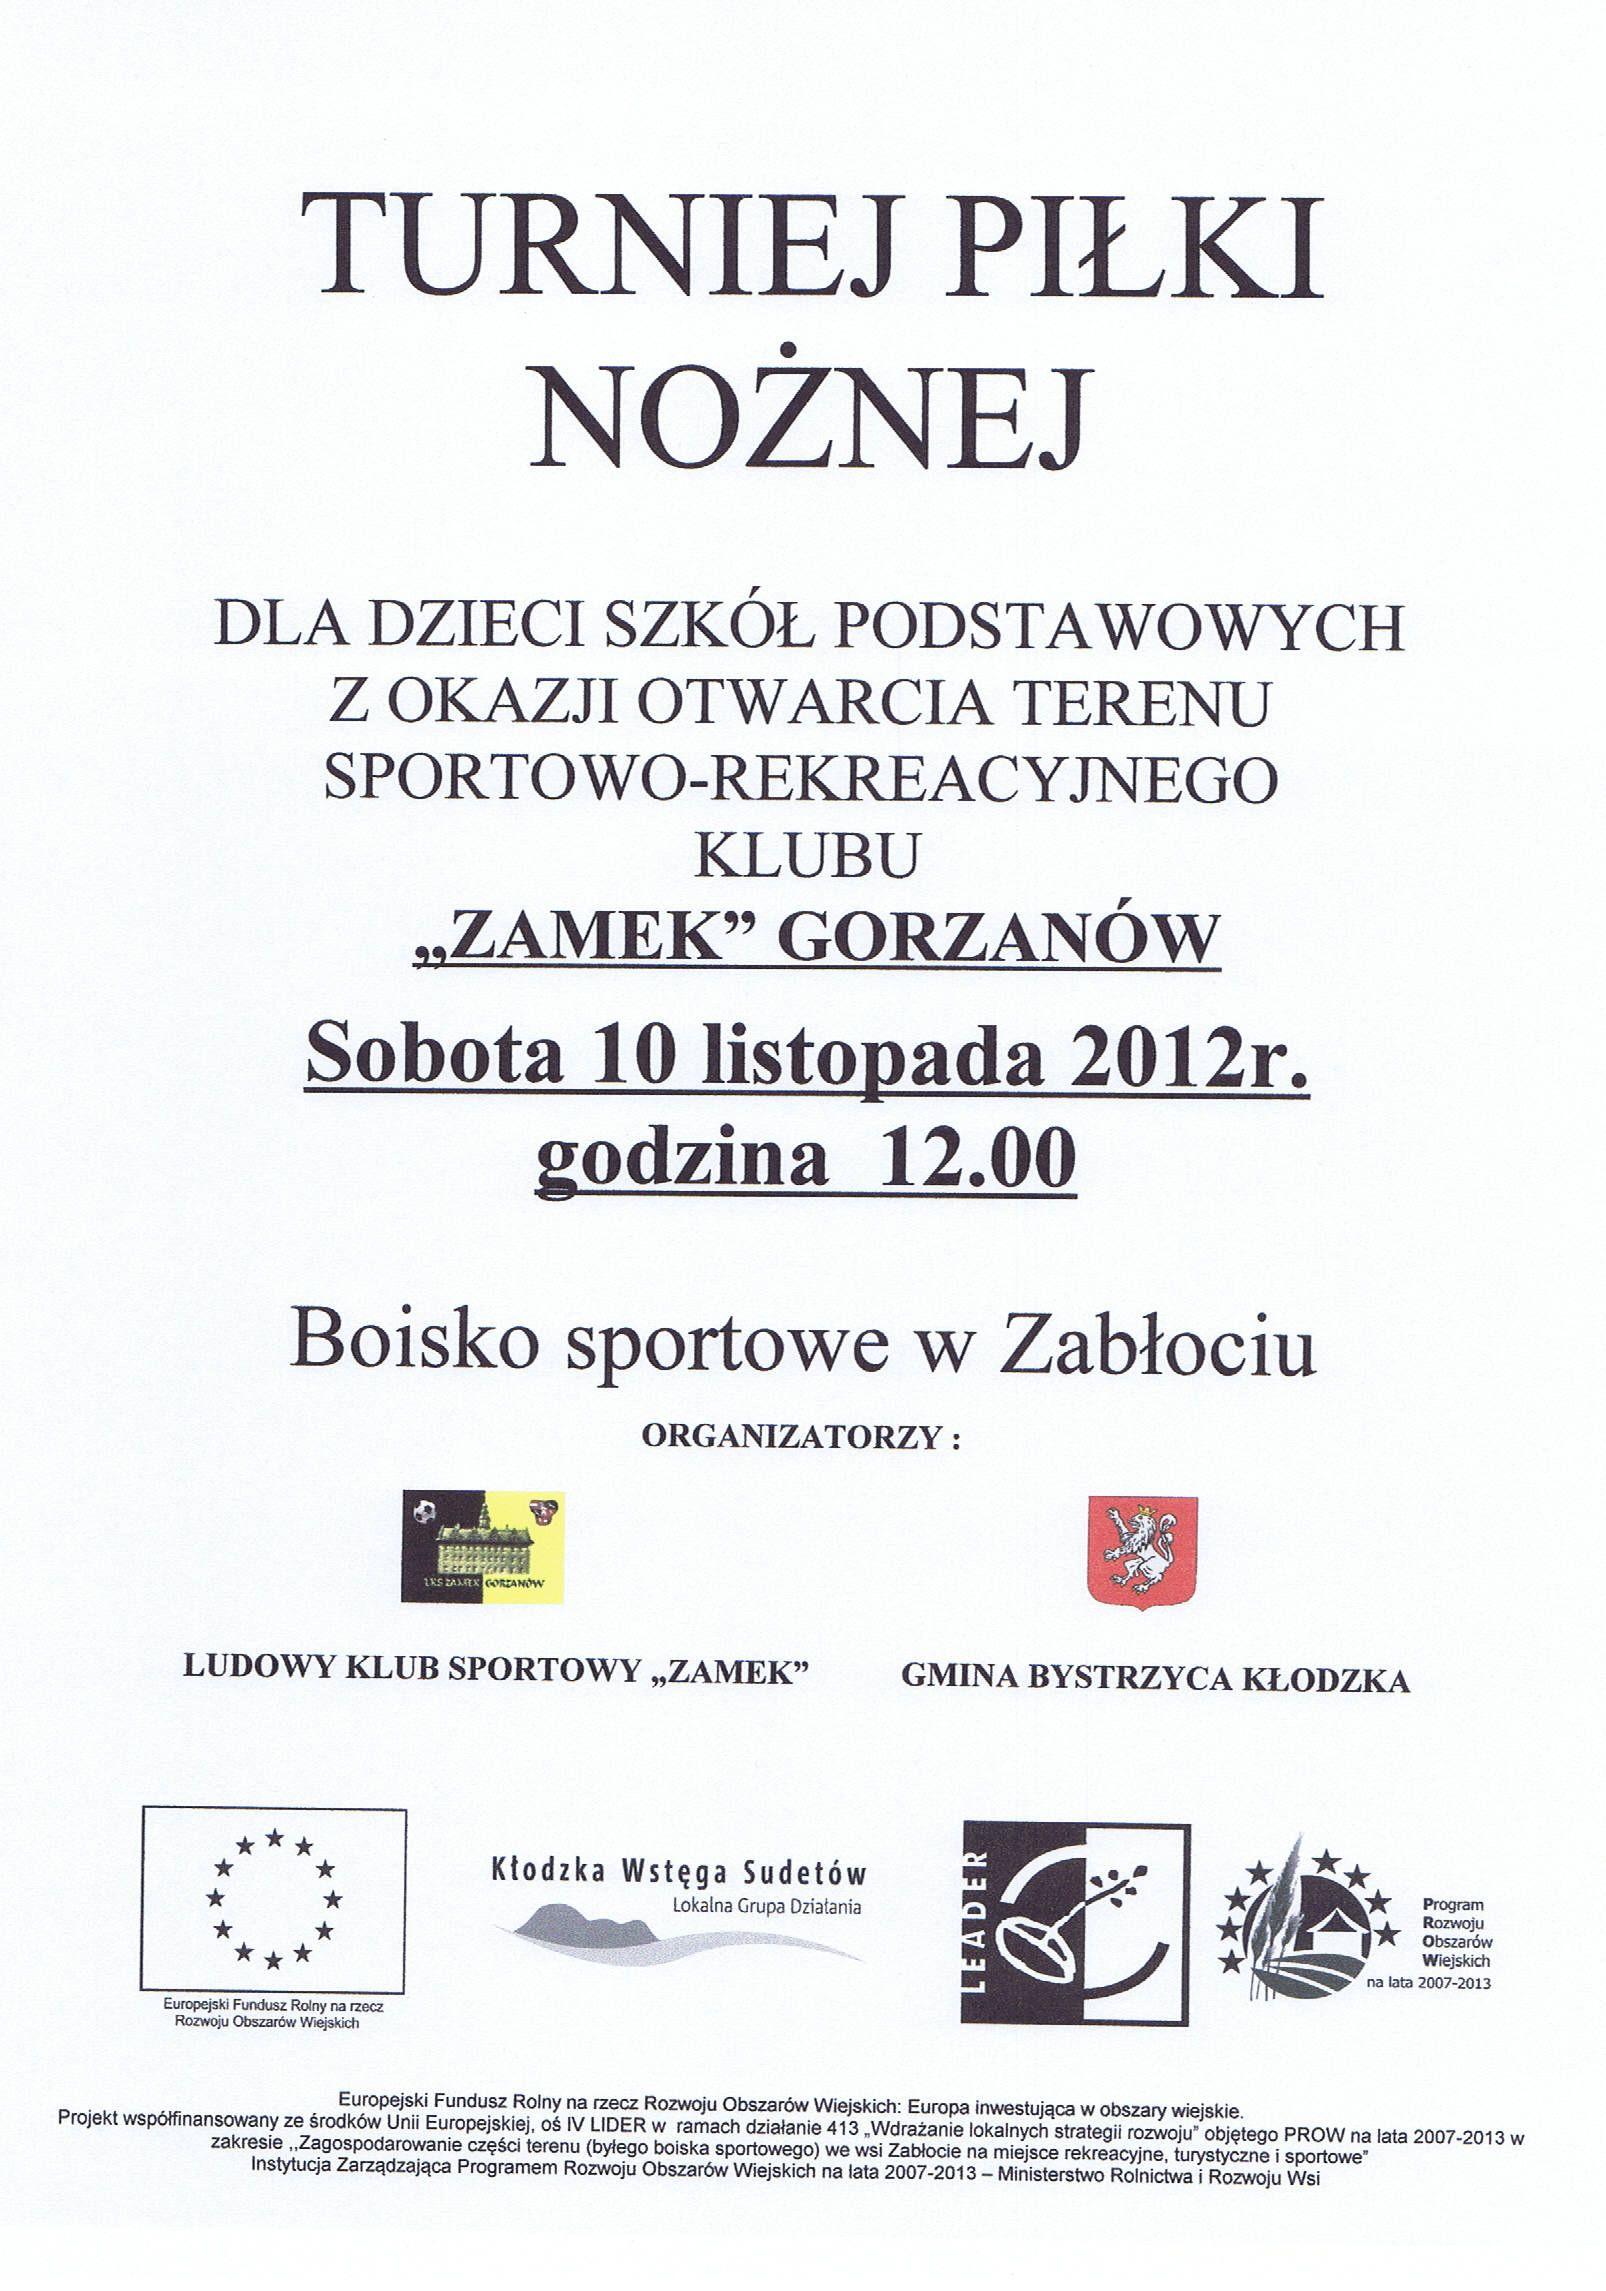 2012.11.10. Plakat_Turniej Piłki Nożnej wZabłociu